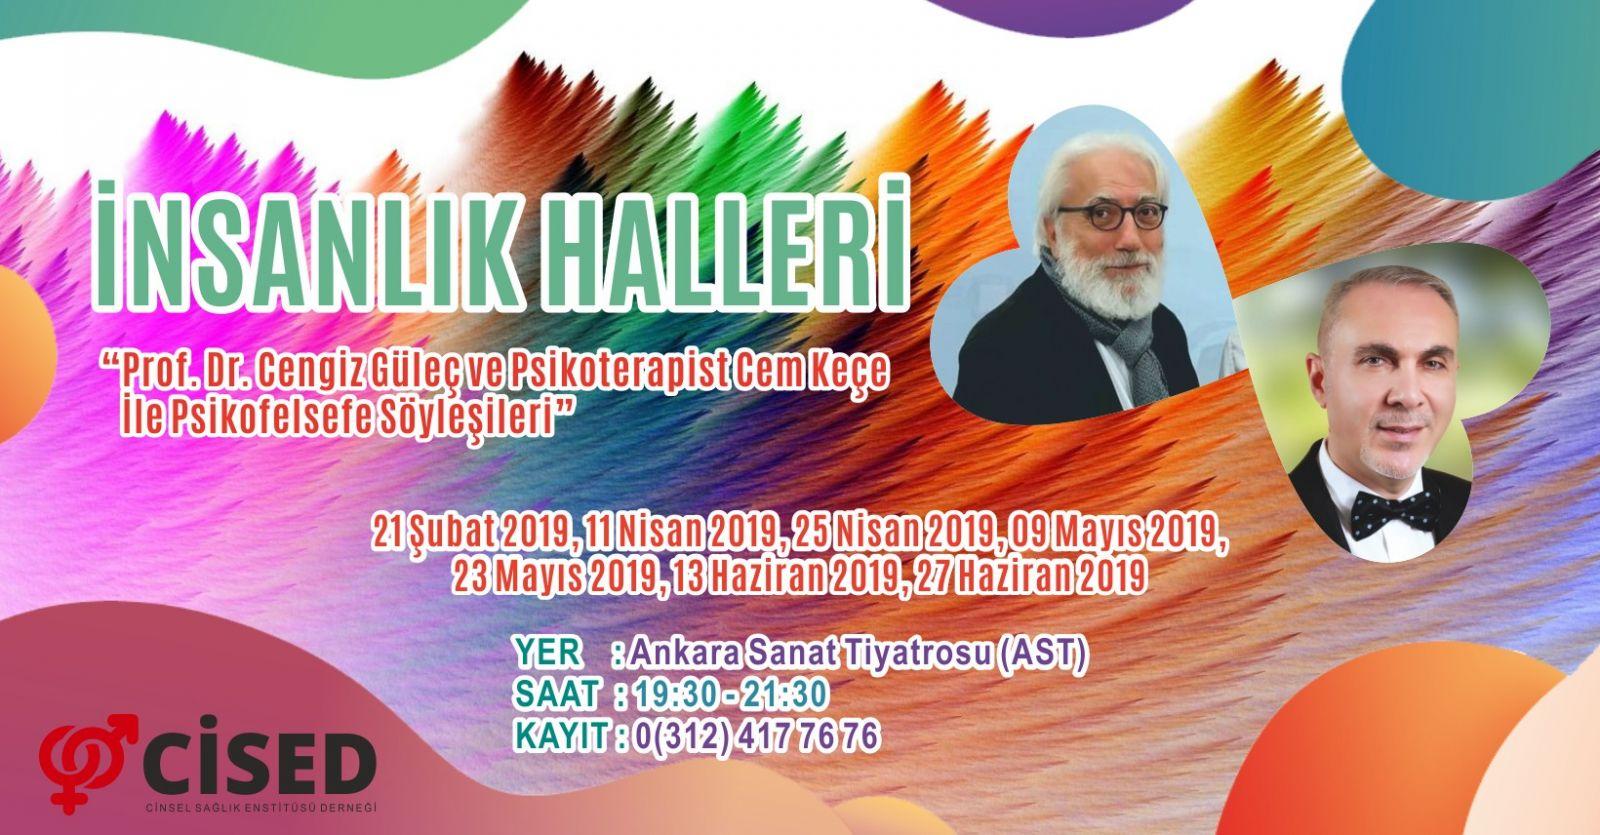 İnsanlık Halleri : Prof. Dr. Cengiz Güleç ve Psikoterapist Cem Keçe İle Psikofelsefe Söyleşileri